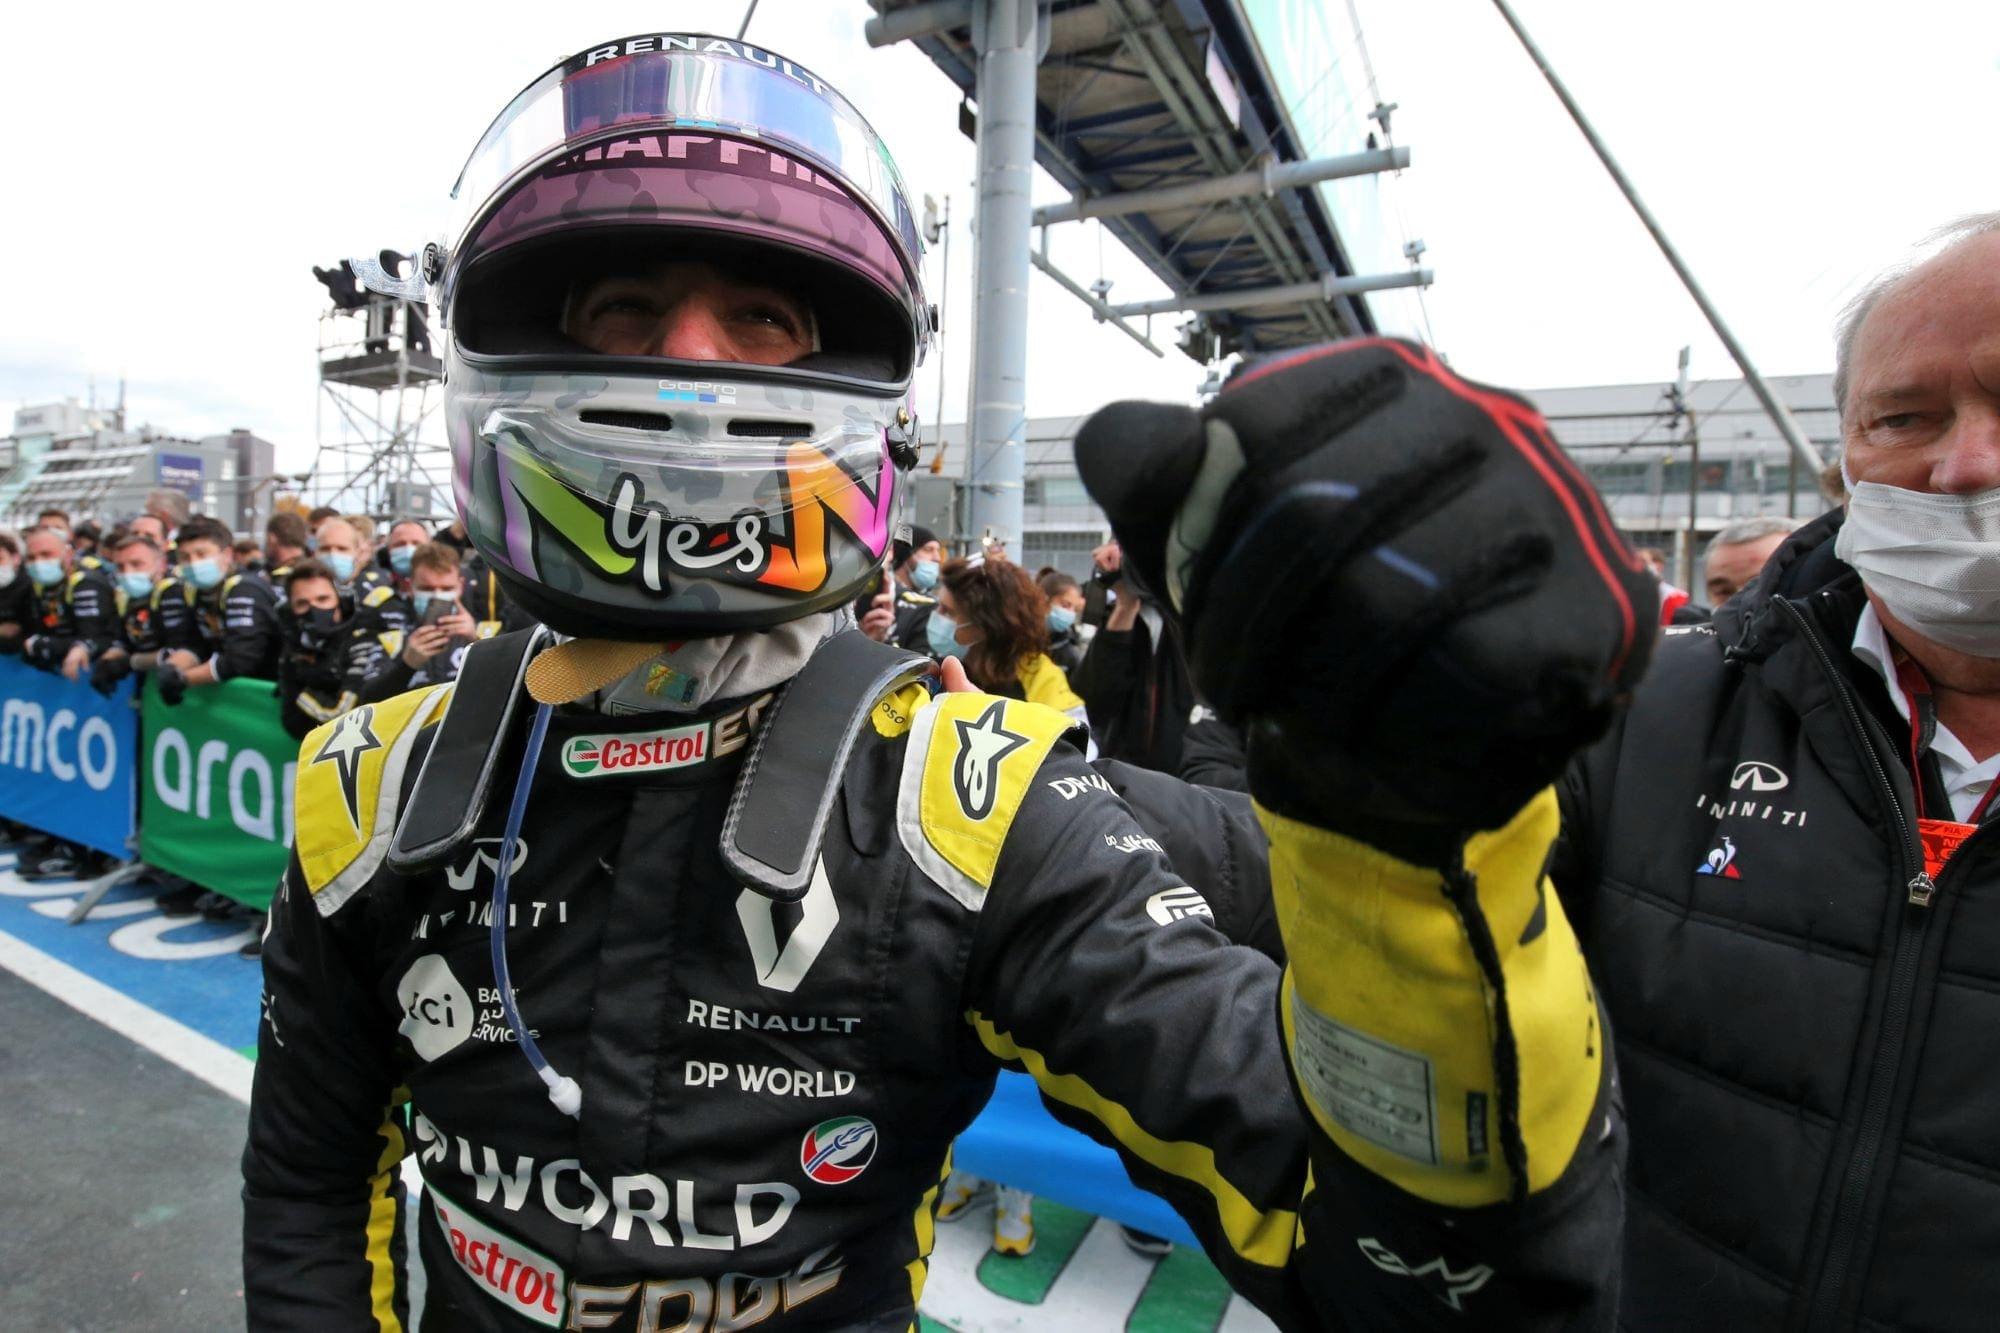 Ricciardo Confiante Em Outro Podio Antes De Sair Da Renault F1 F1mania